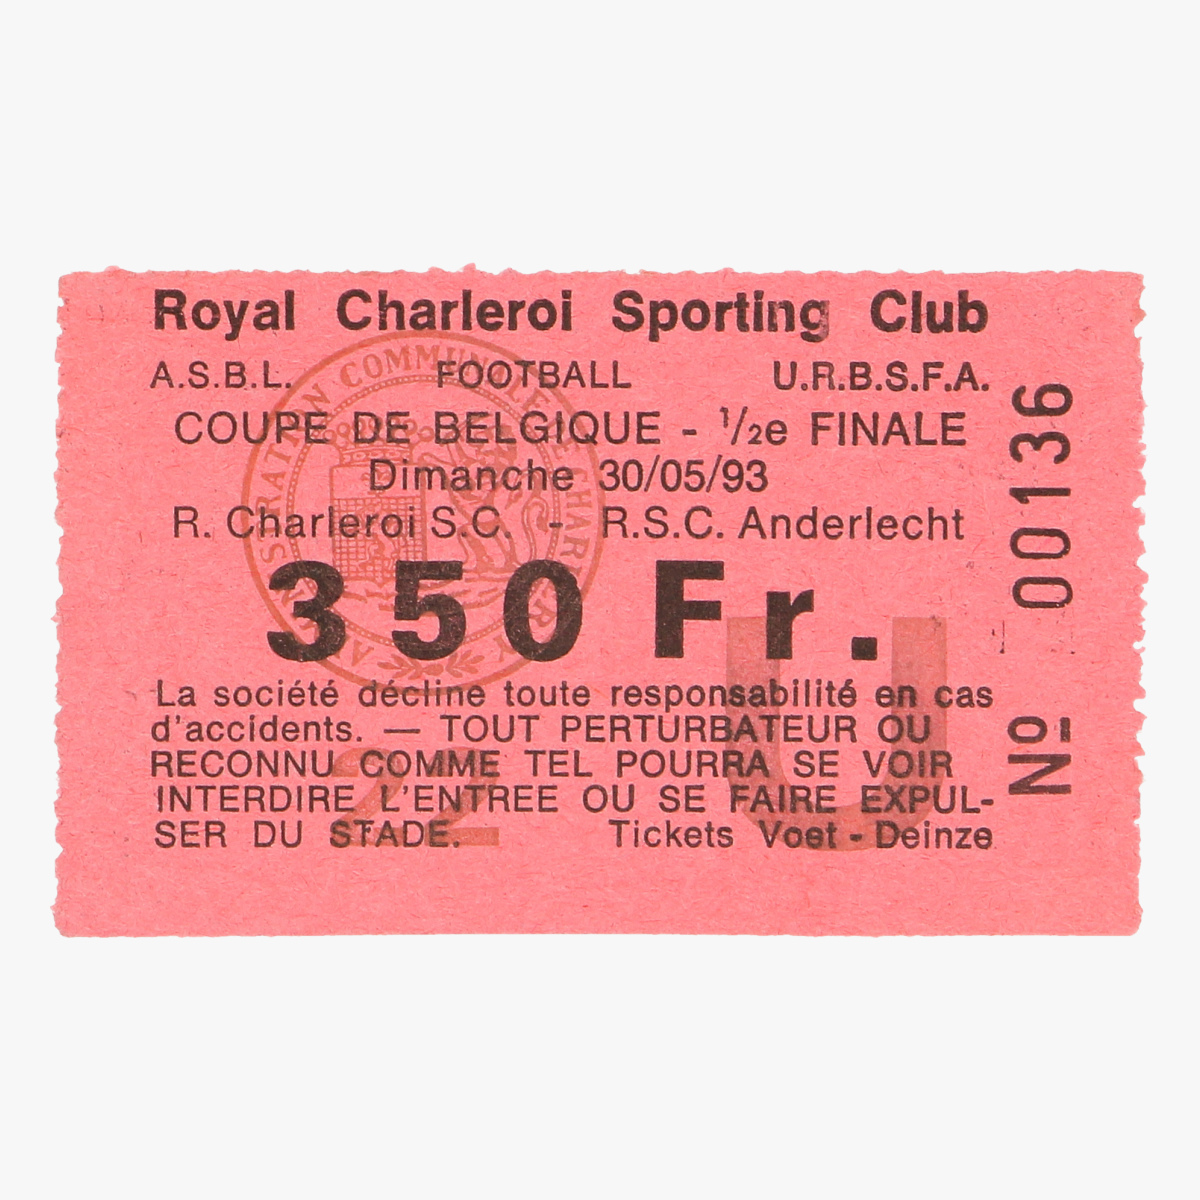 Afbeeldingen van voetbalticket royal charleroi sporting R.C.S anderlecht 1/2 fin